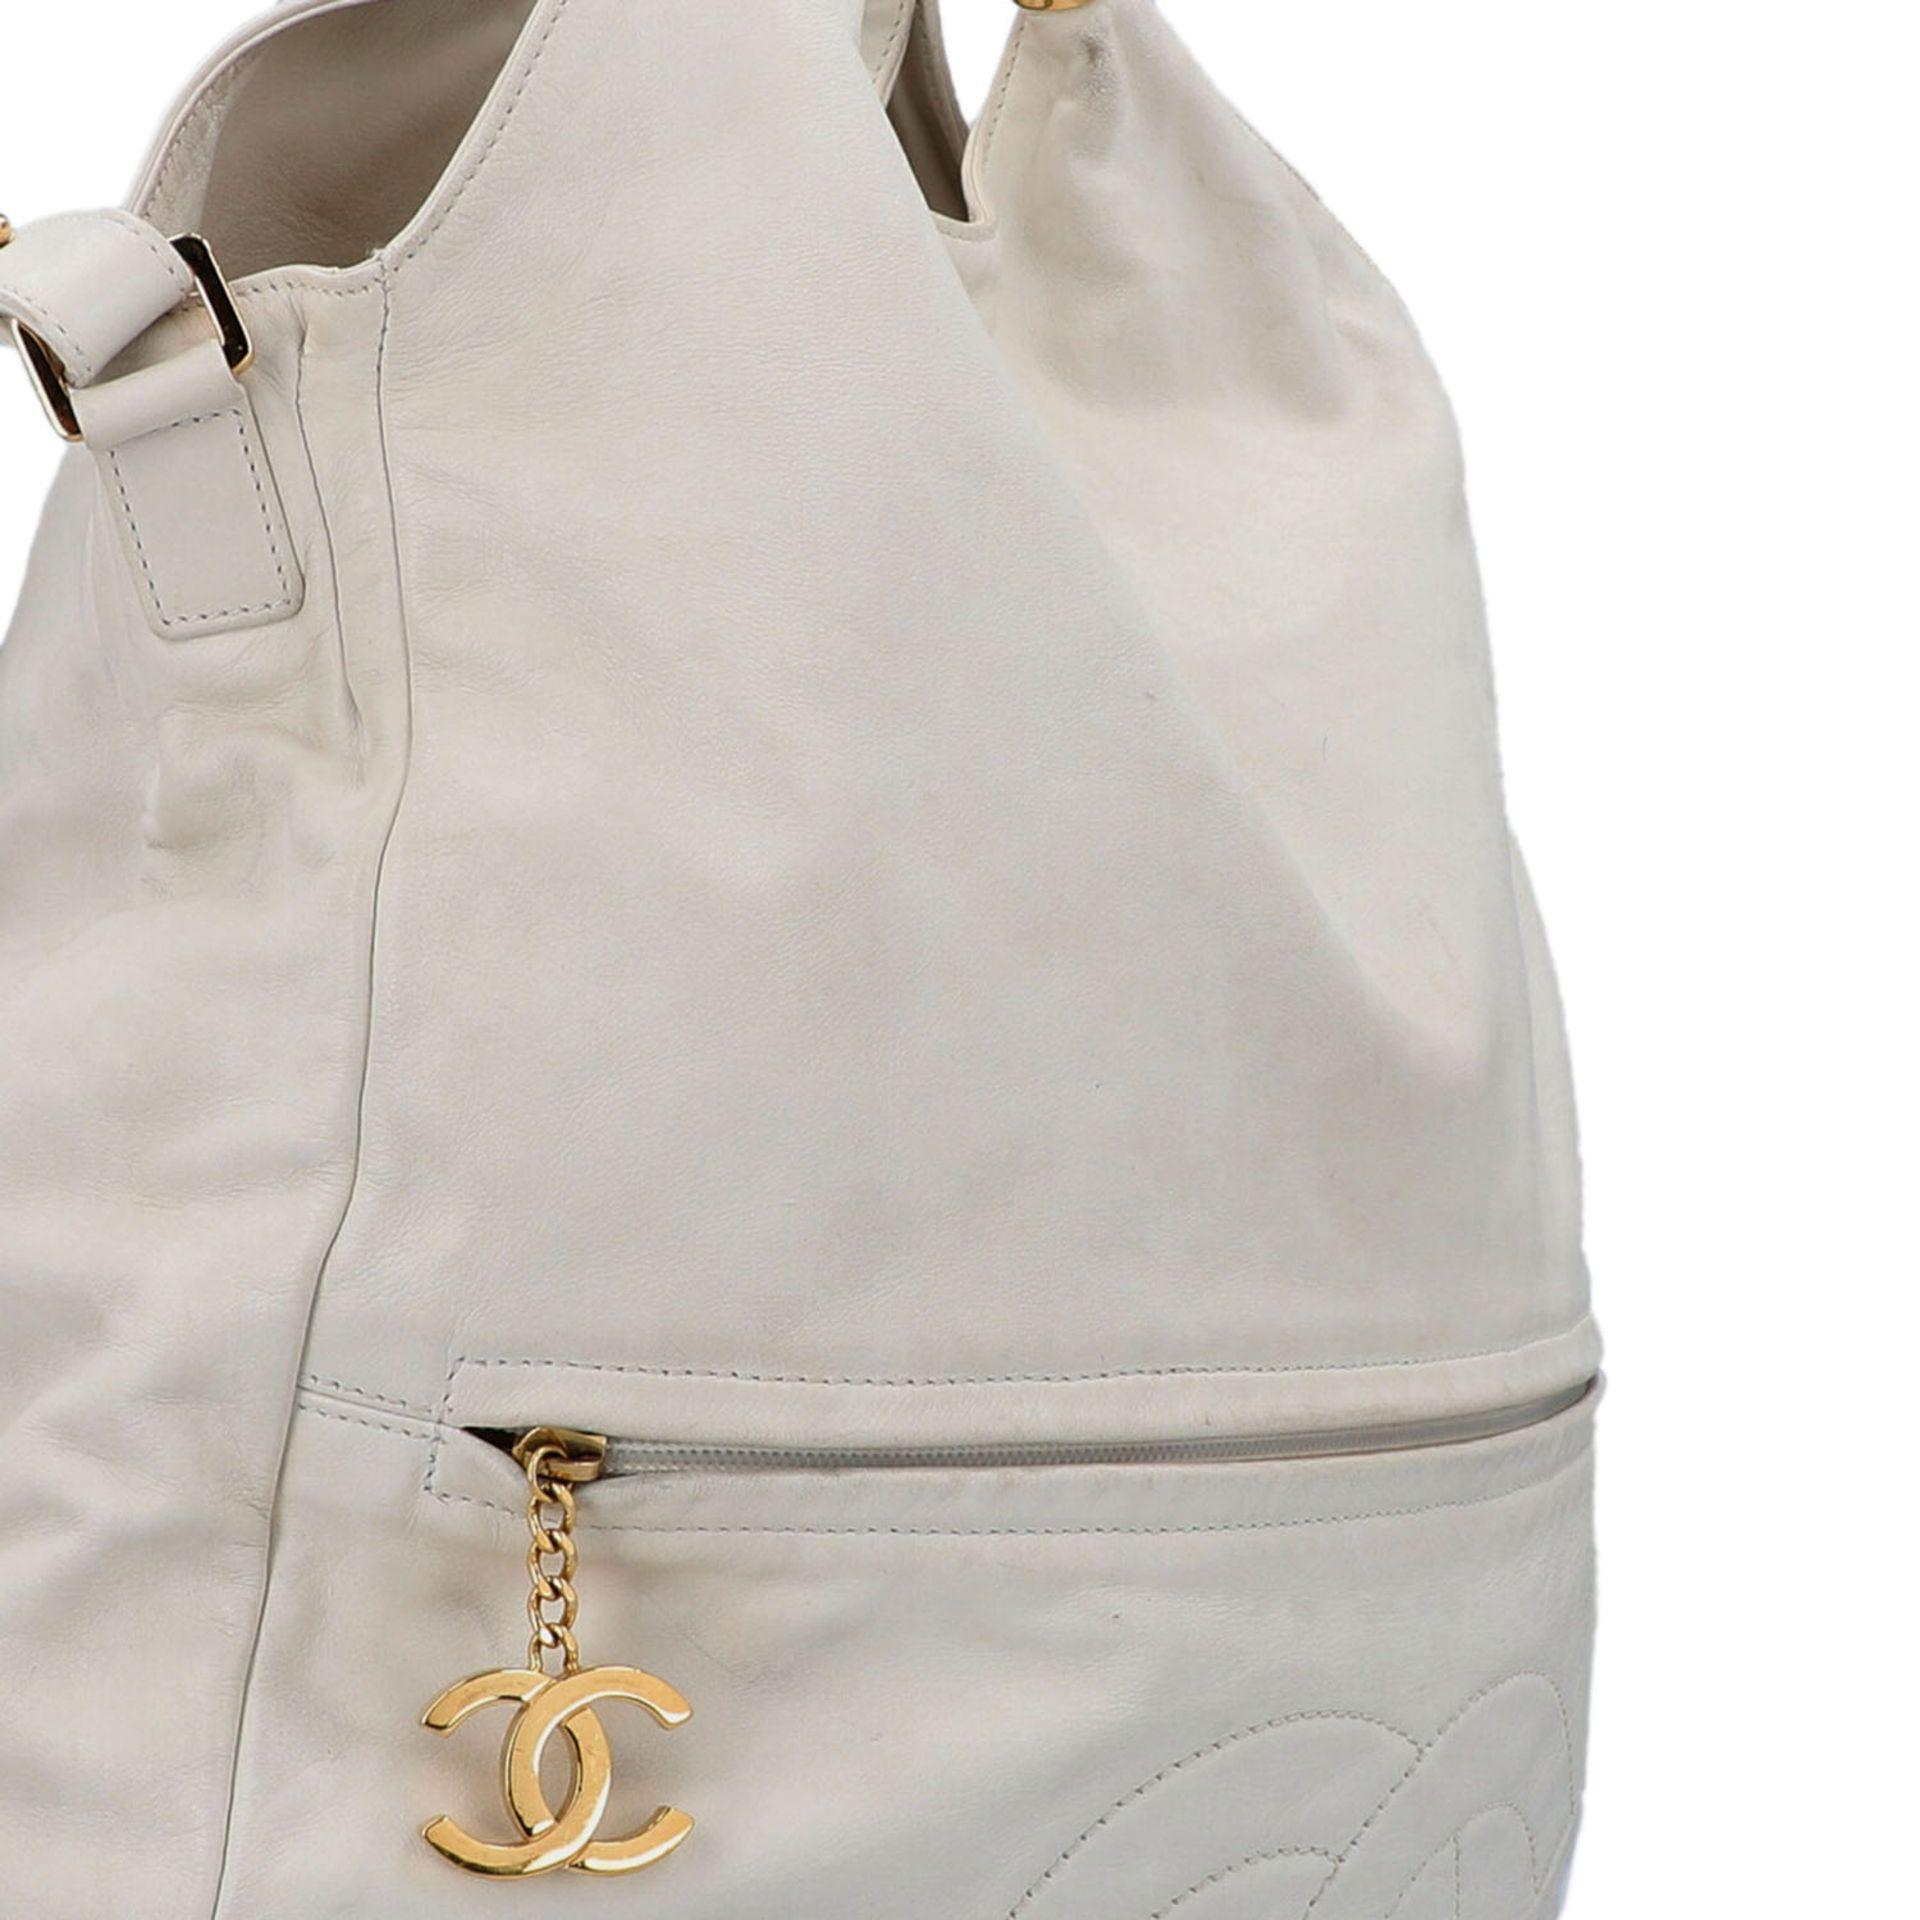 CHANEL Shoppertasche, Koll. 2006/2008.Hobo Bag aus weißem Leder mit goldfarbener Hardware, Front mit - Bild 8 aus 8